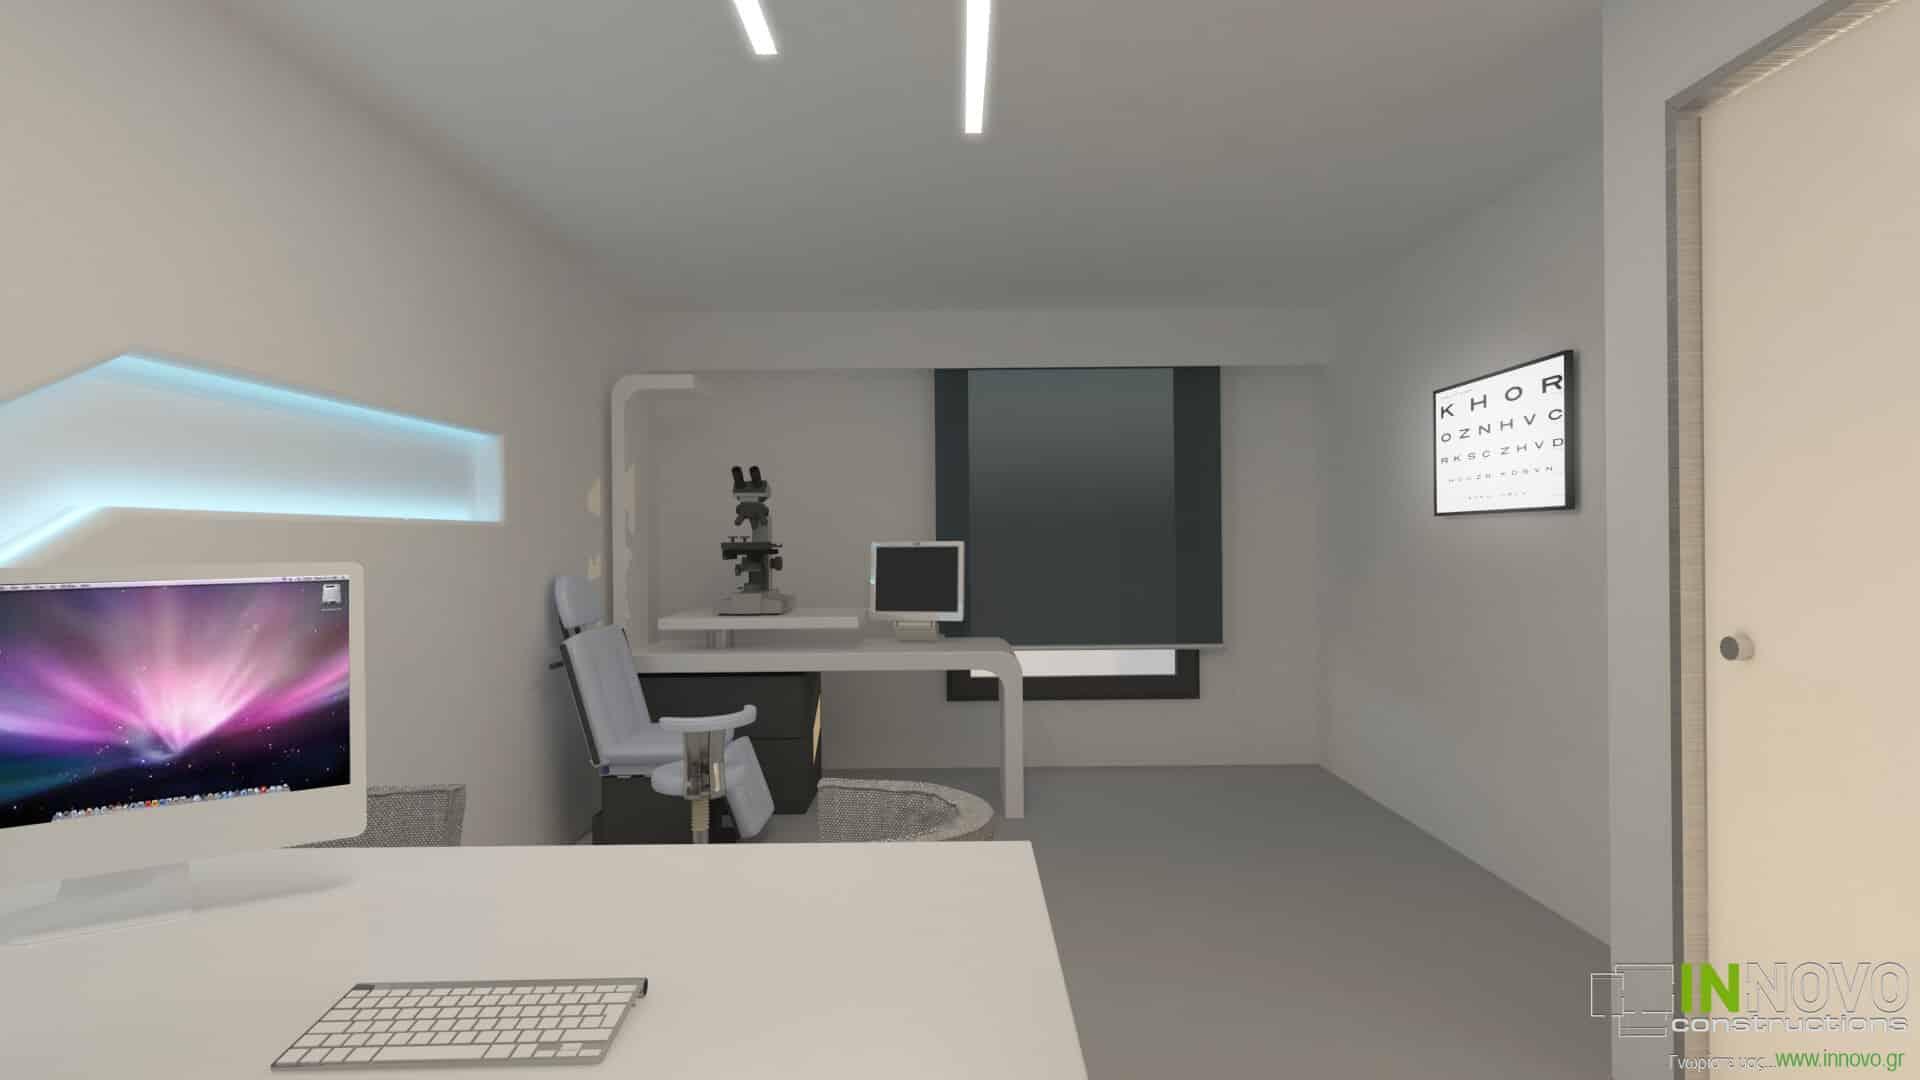 Μελέτη ανακαίνισης οφθαλμολογικής κλινικής στη Γλυφάδα